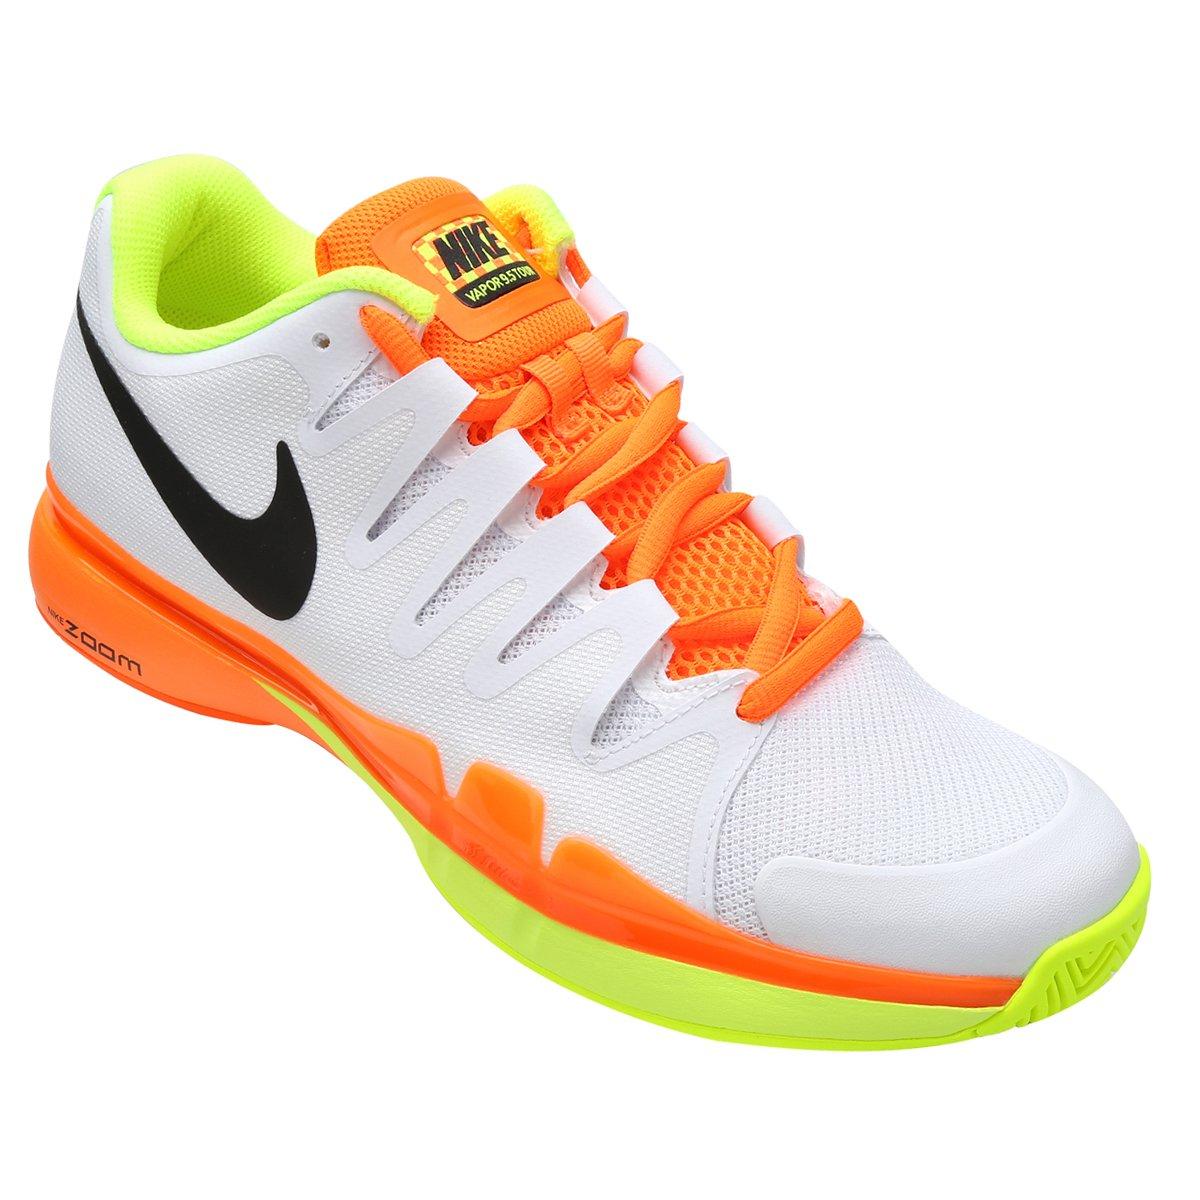 4f37d1fbb83e2 Tênis Nike Zoom Vapor 9.5 Tour Masculino - Compre Agora